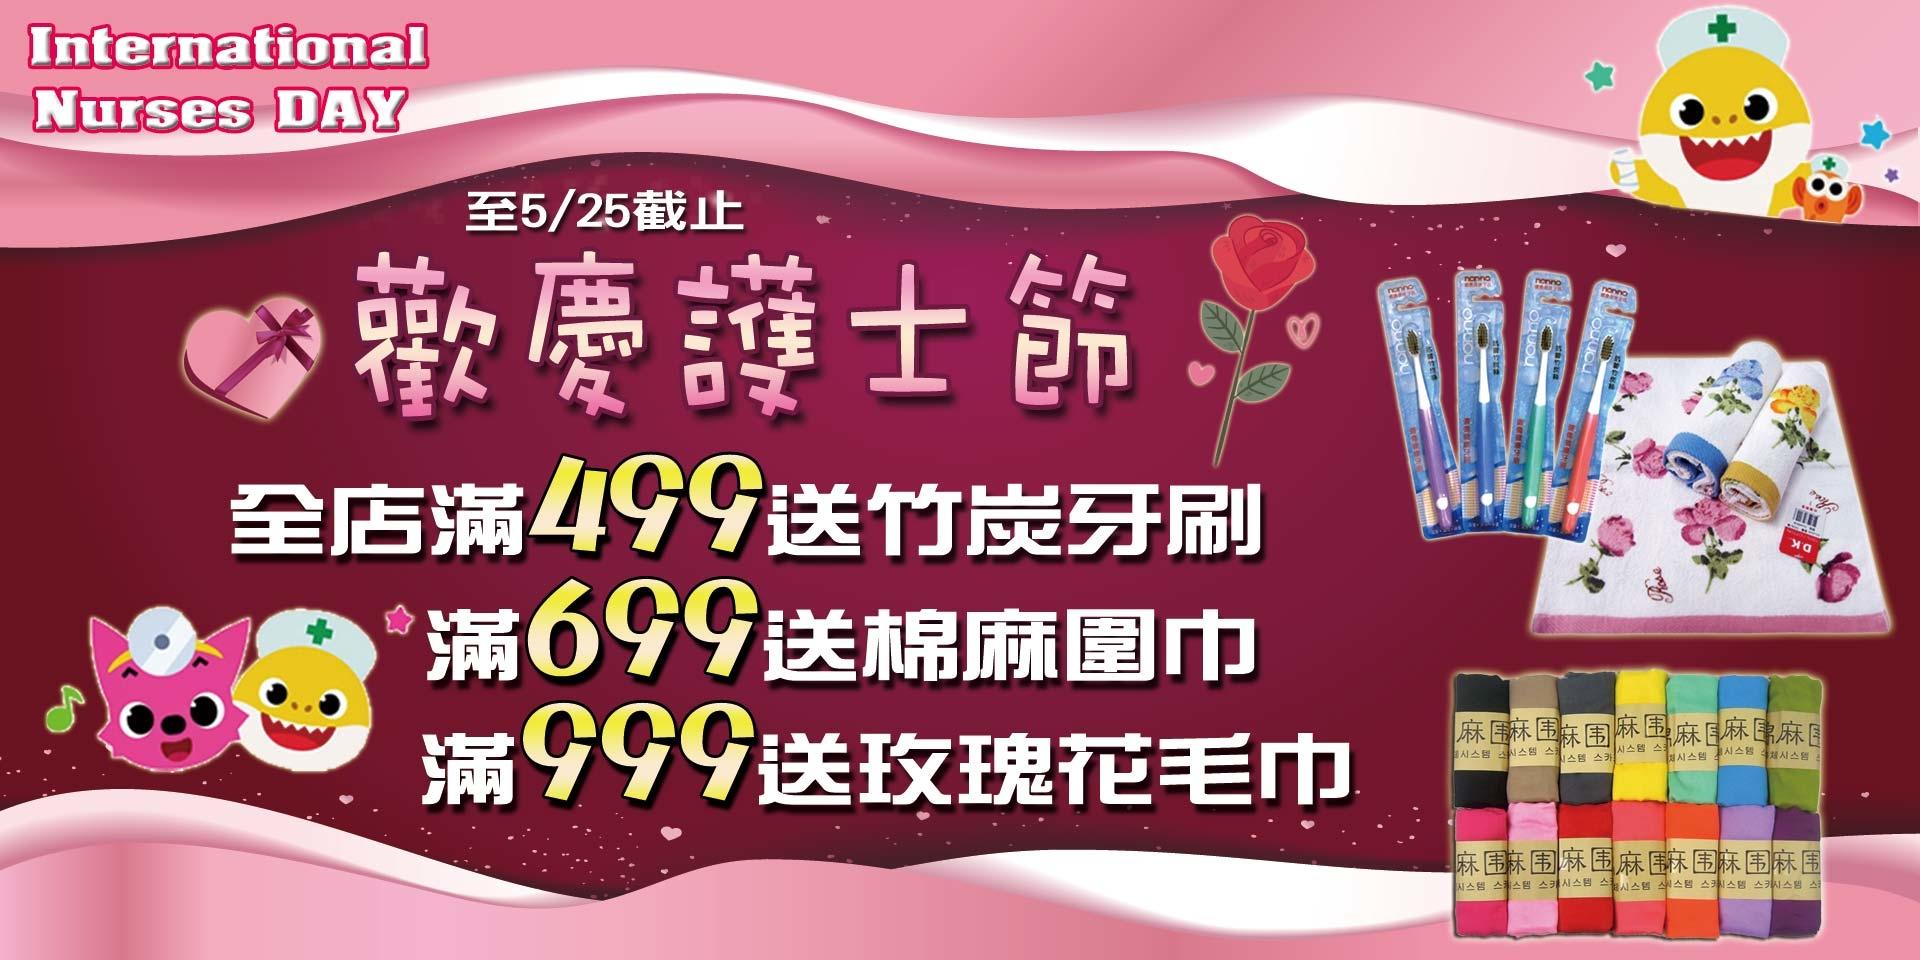 歡慶護士節~歡慶護士節~滿499送竹炭牙刷、滿699送棉麻圍巾、滿999送玫瑰花毛巾!